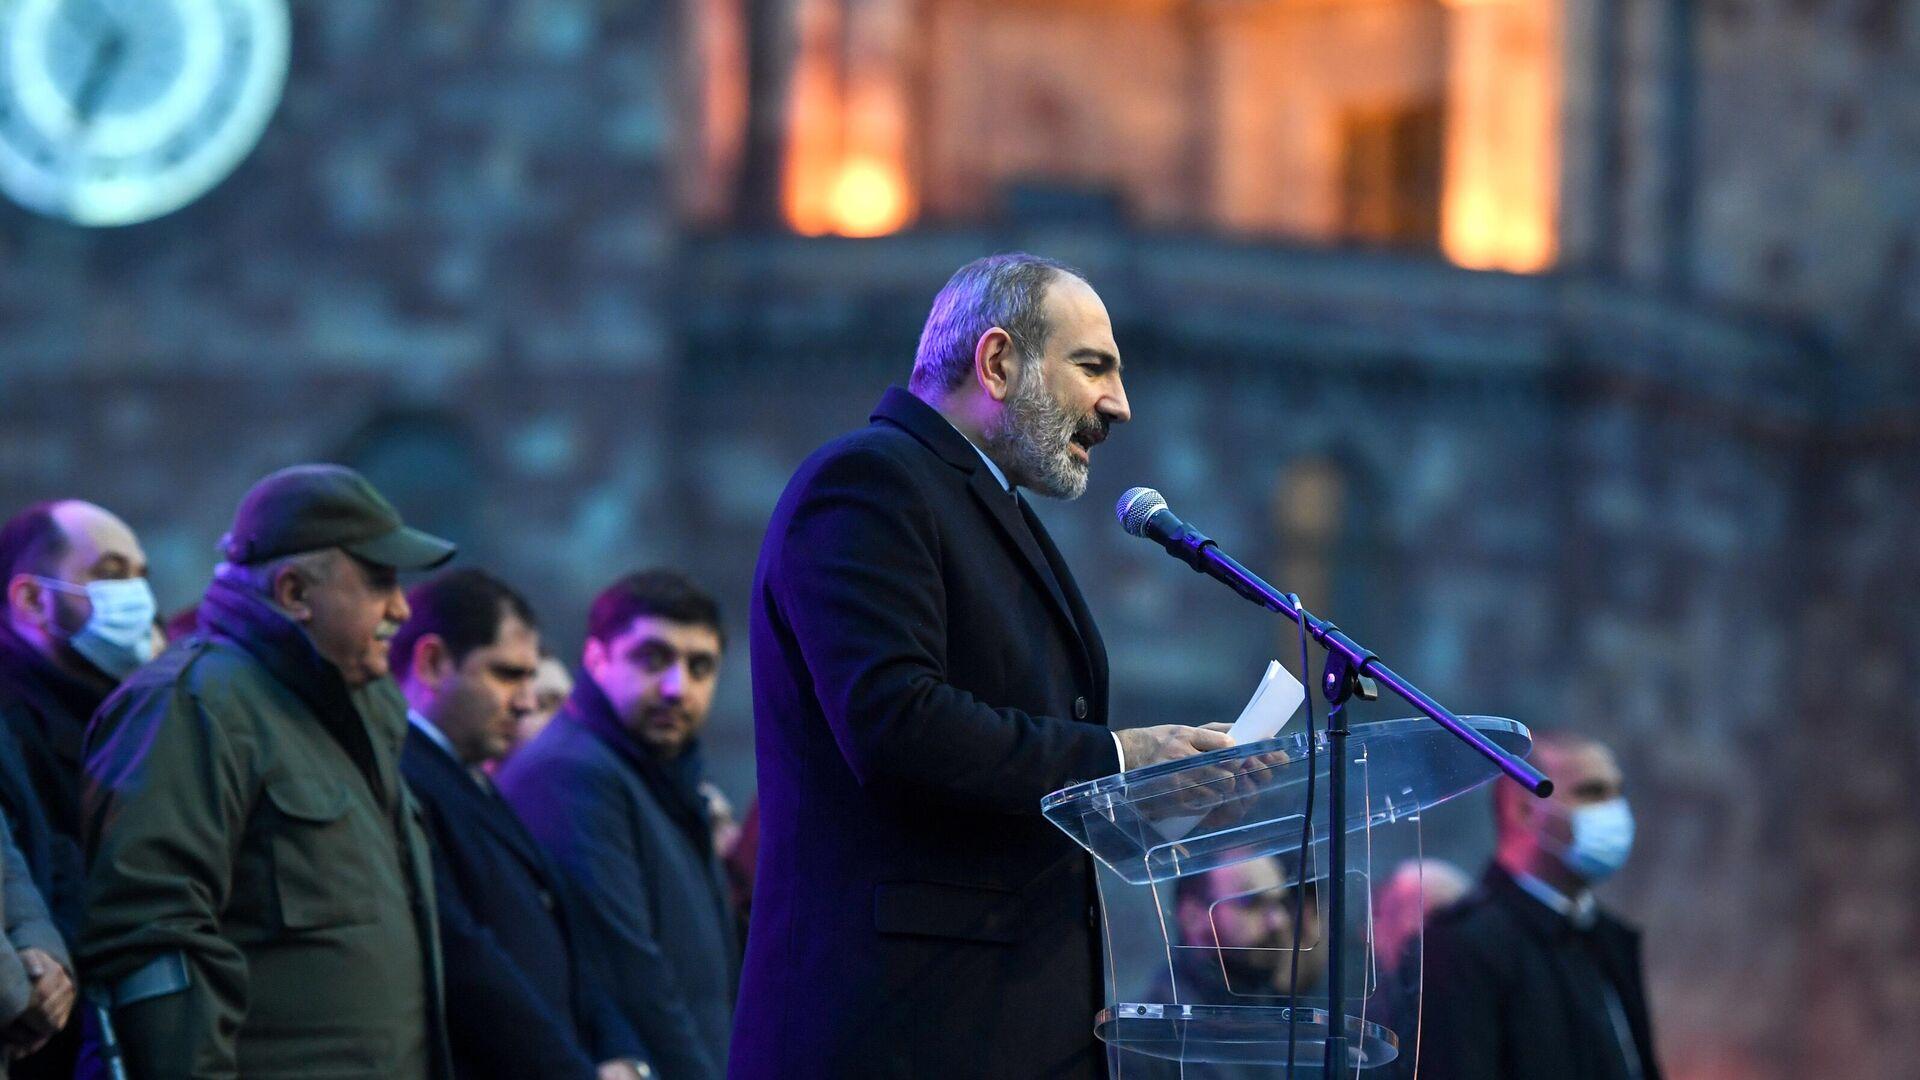 Премьер-министр Армении Никол Пашинян выступает перед своими сторонниками в Ереване - РИА Новости, 1920, 11.06.2021